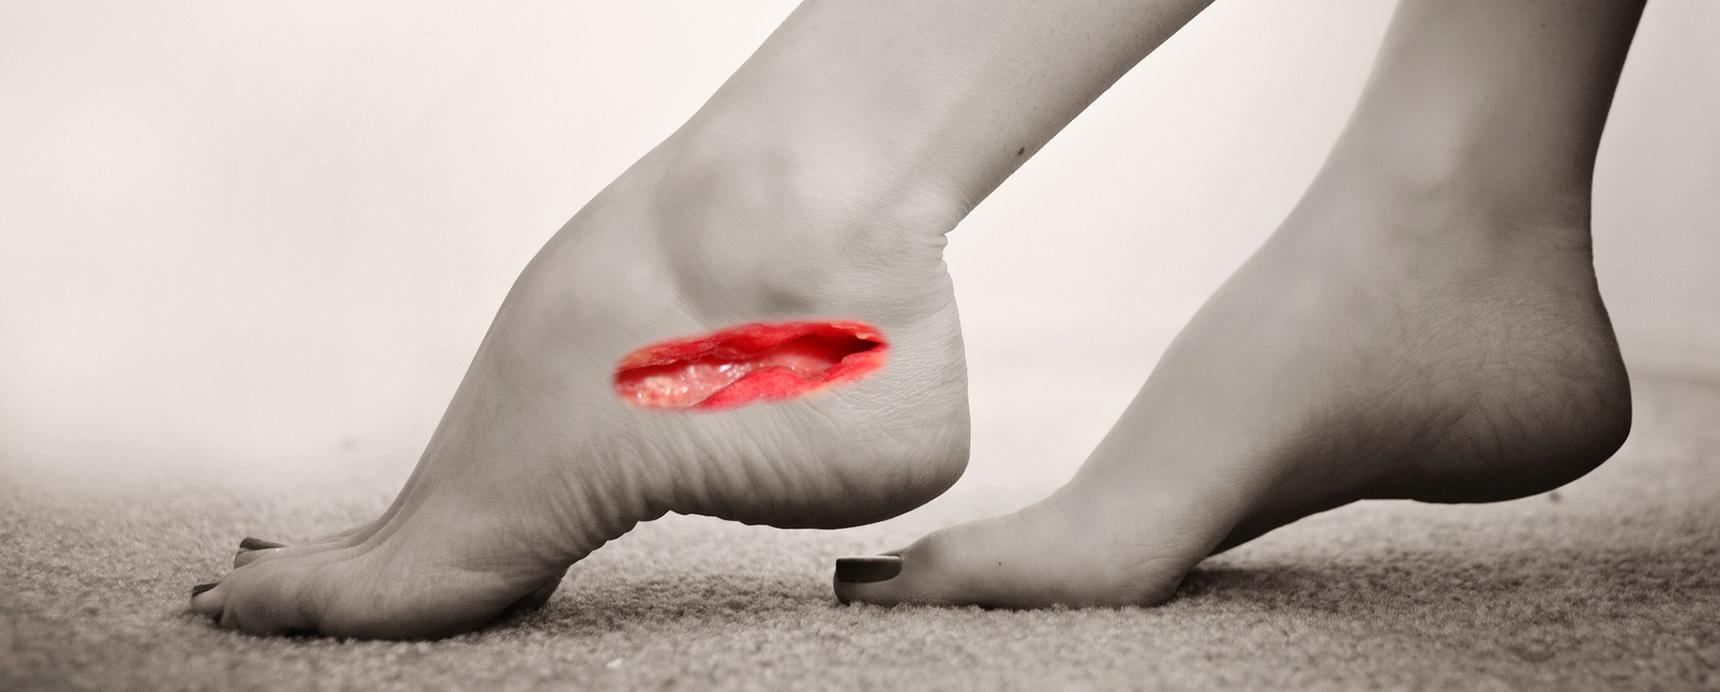 chronic wounds healing